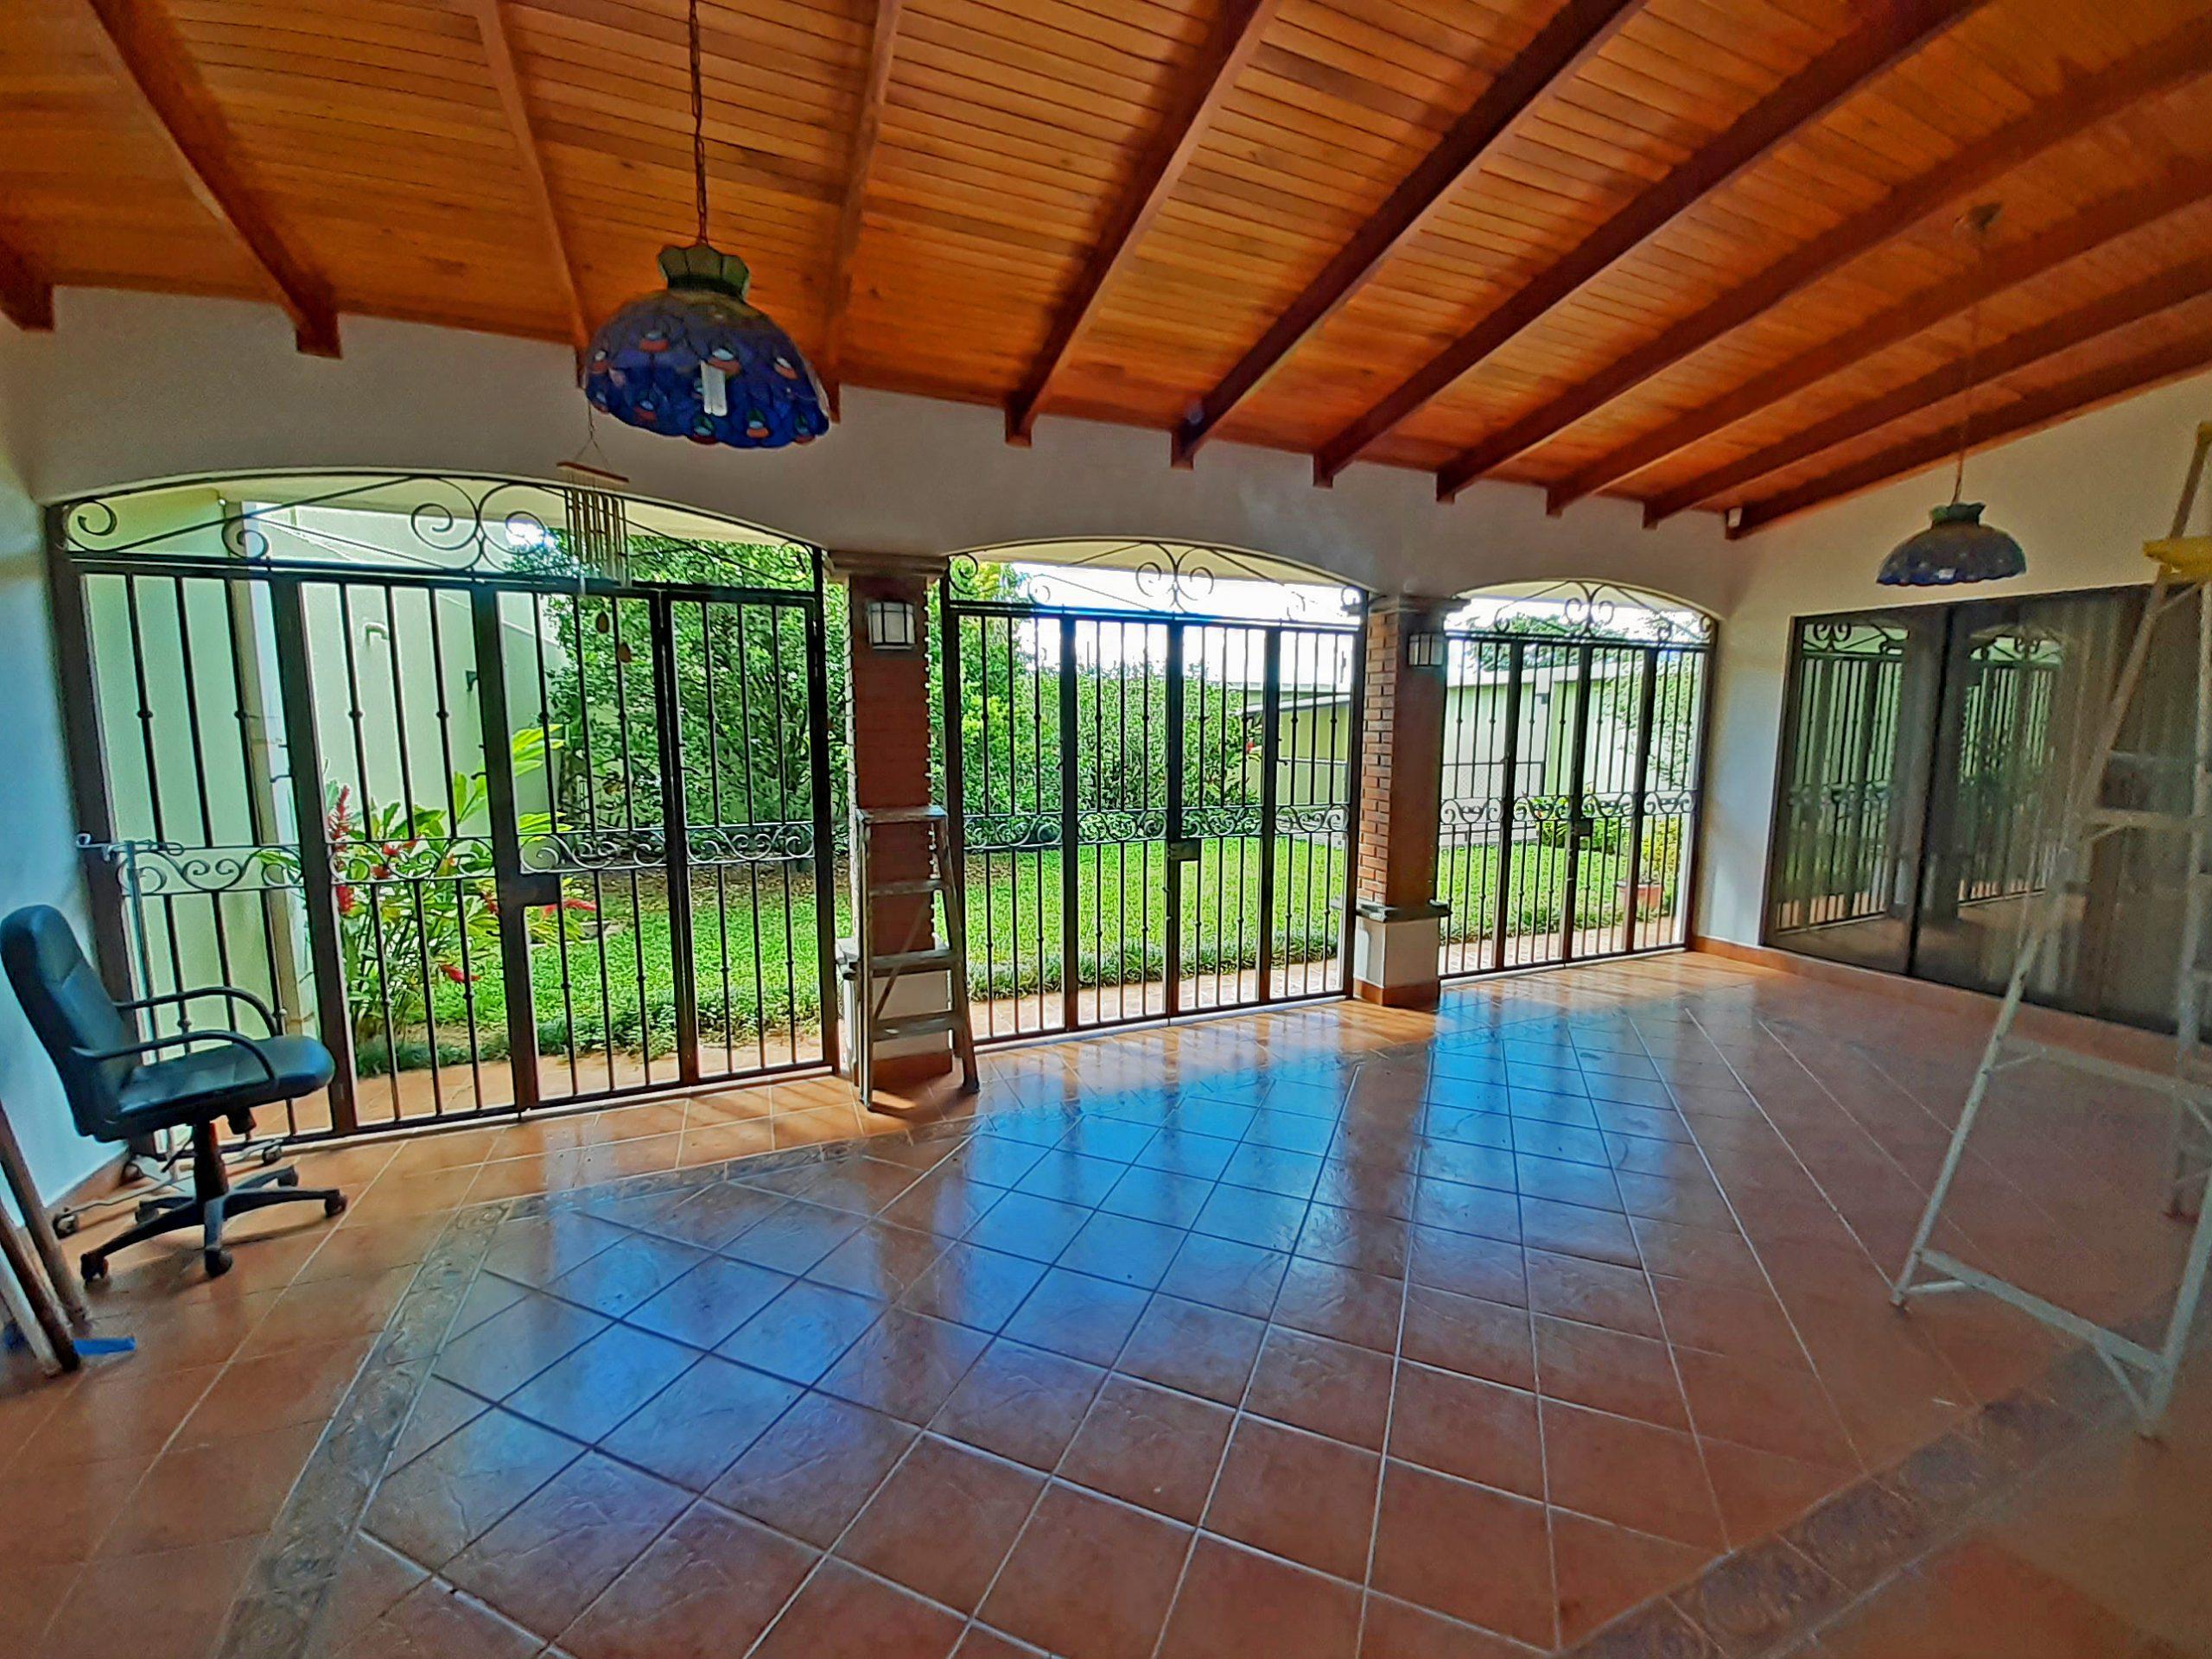 Alquiler de Casa de 350 m2, Barrio de Acceso Controlado, Guayabos, Curridabat